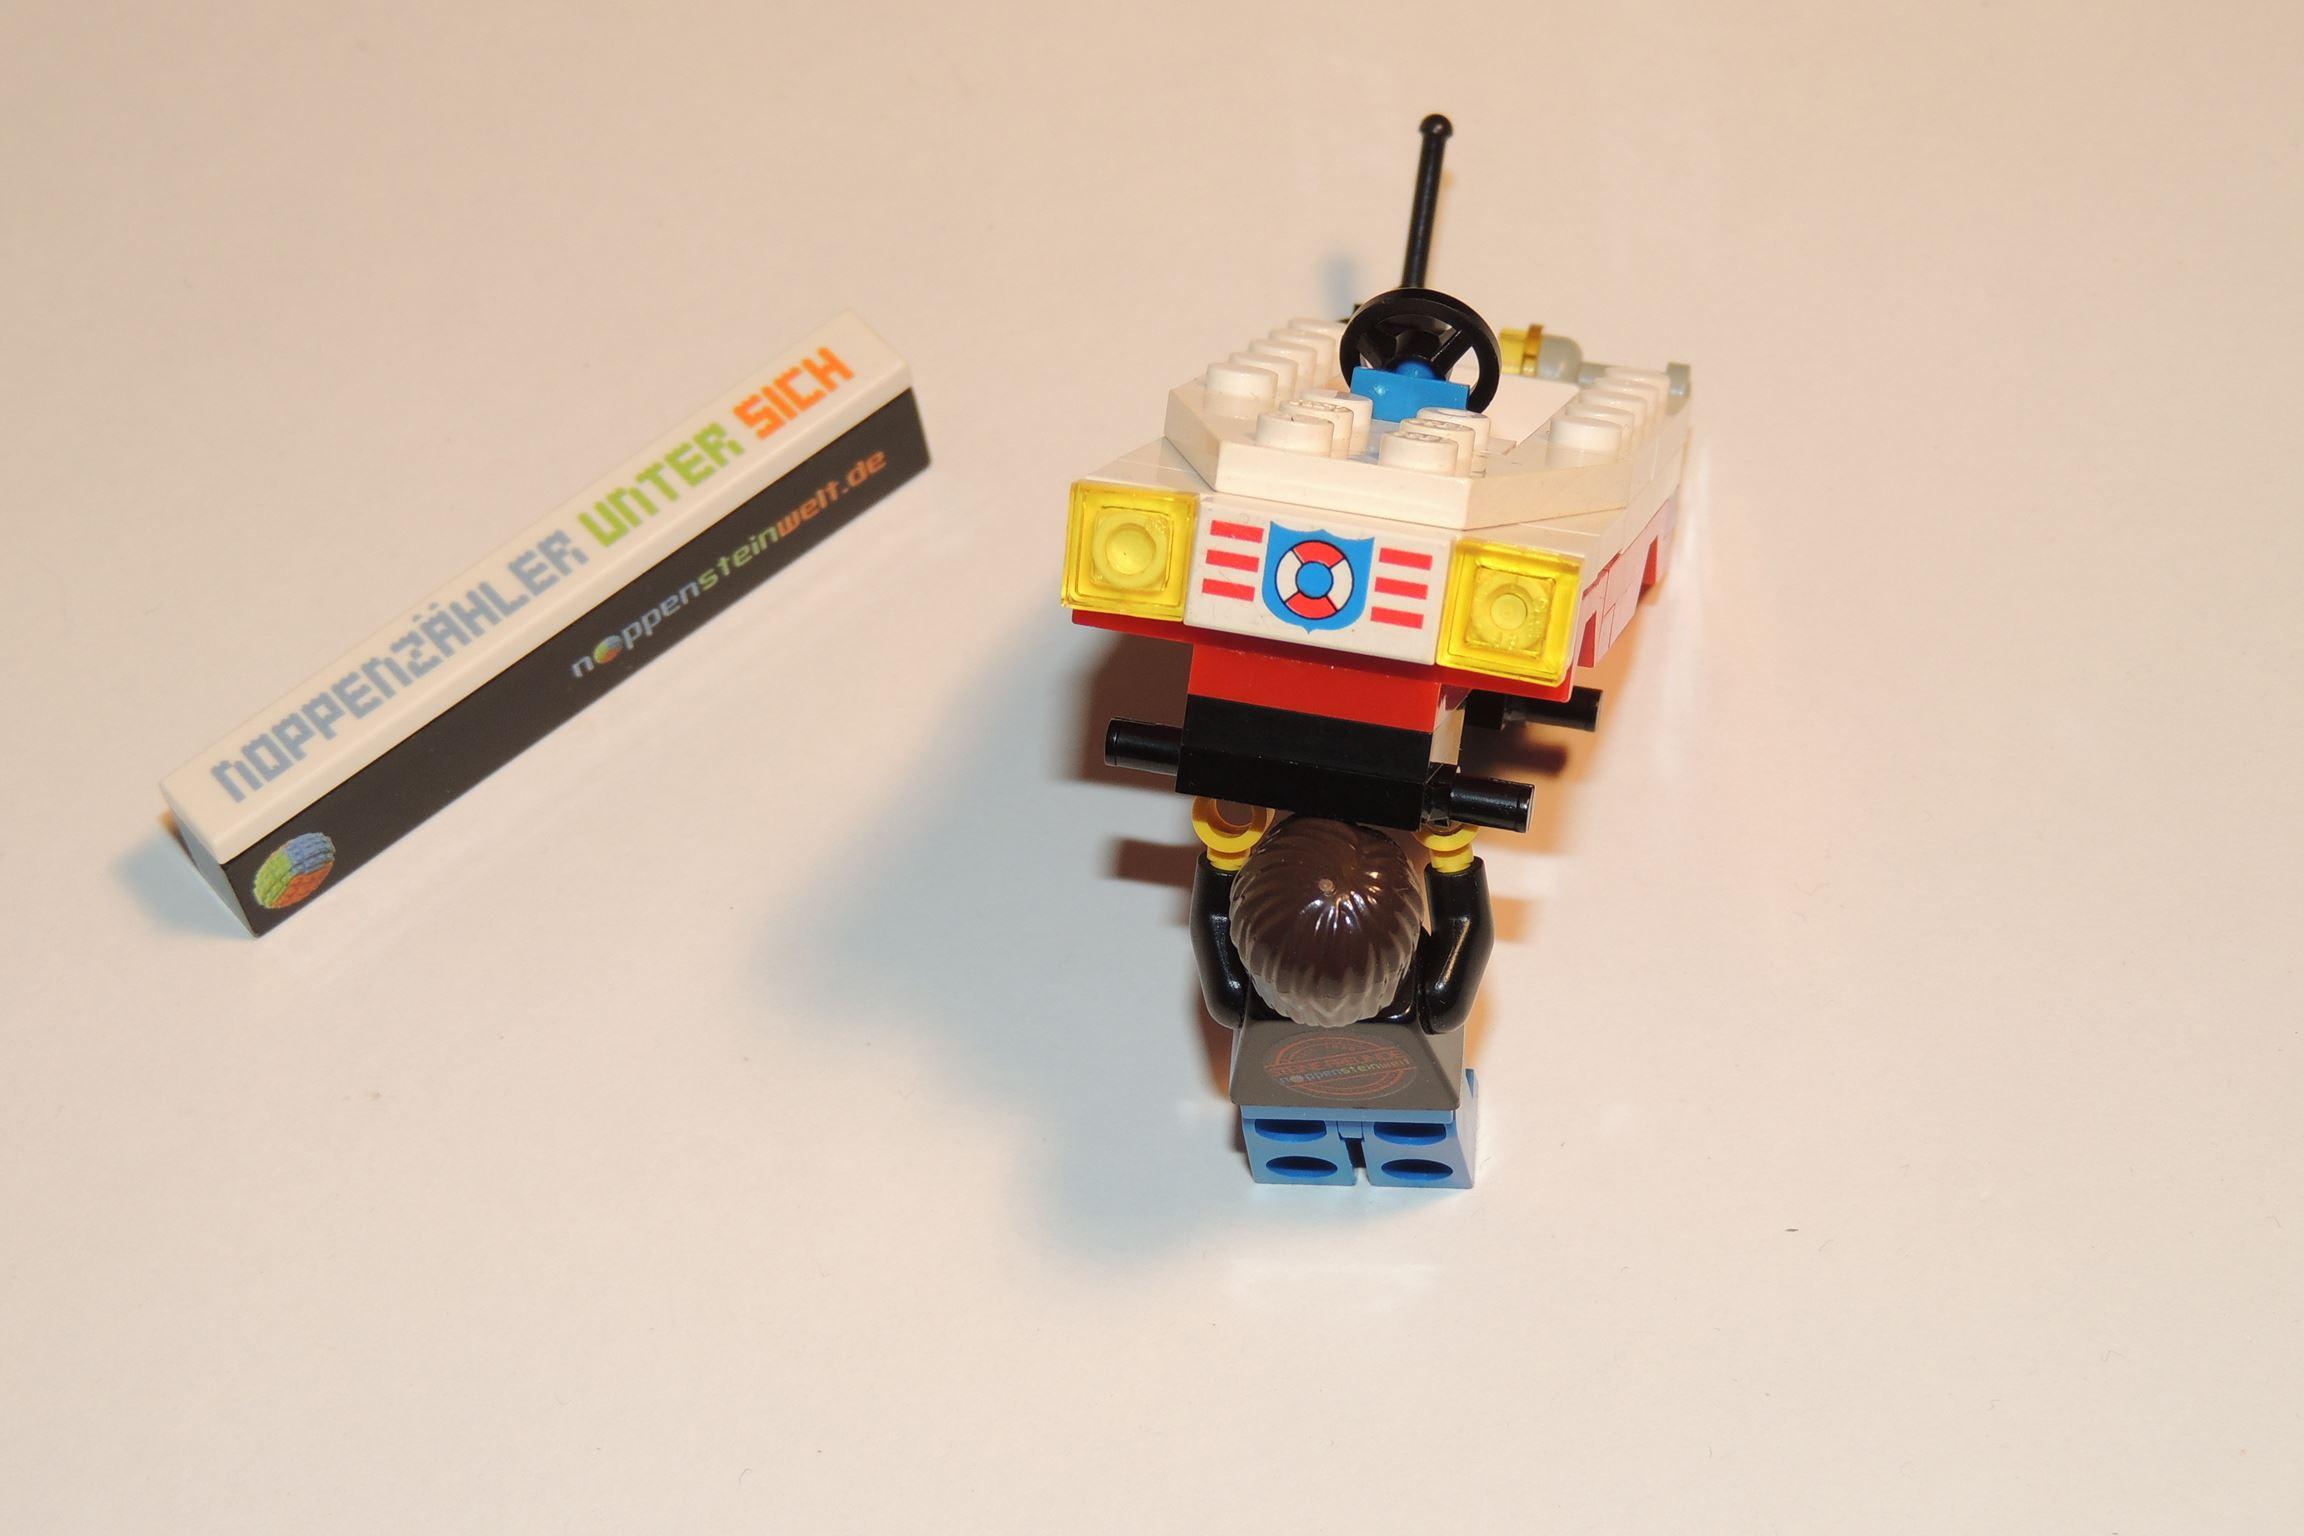 Beifahrerseite 1×1 Plate in Transgelb von Steinchenexpress. Farbe wie Lego.